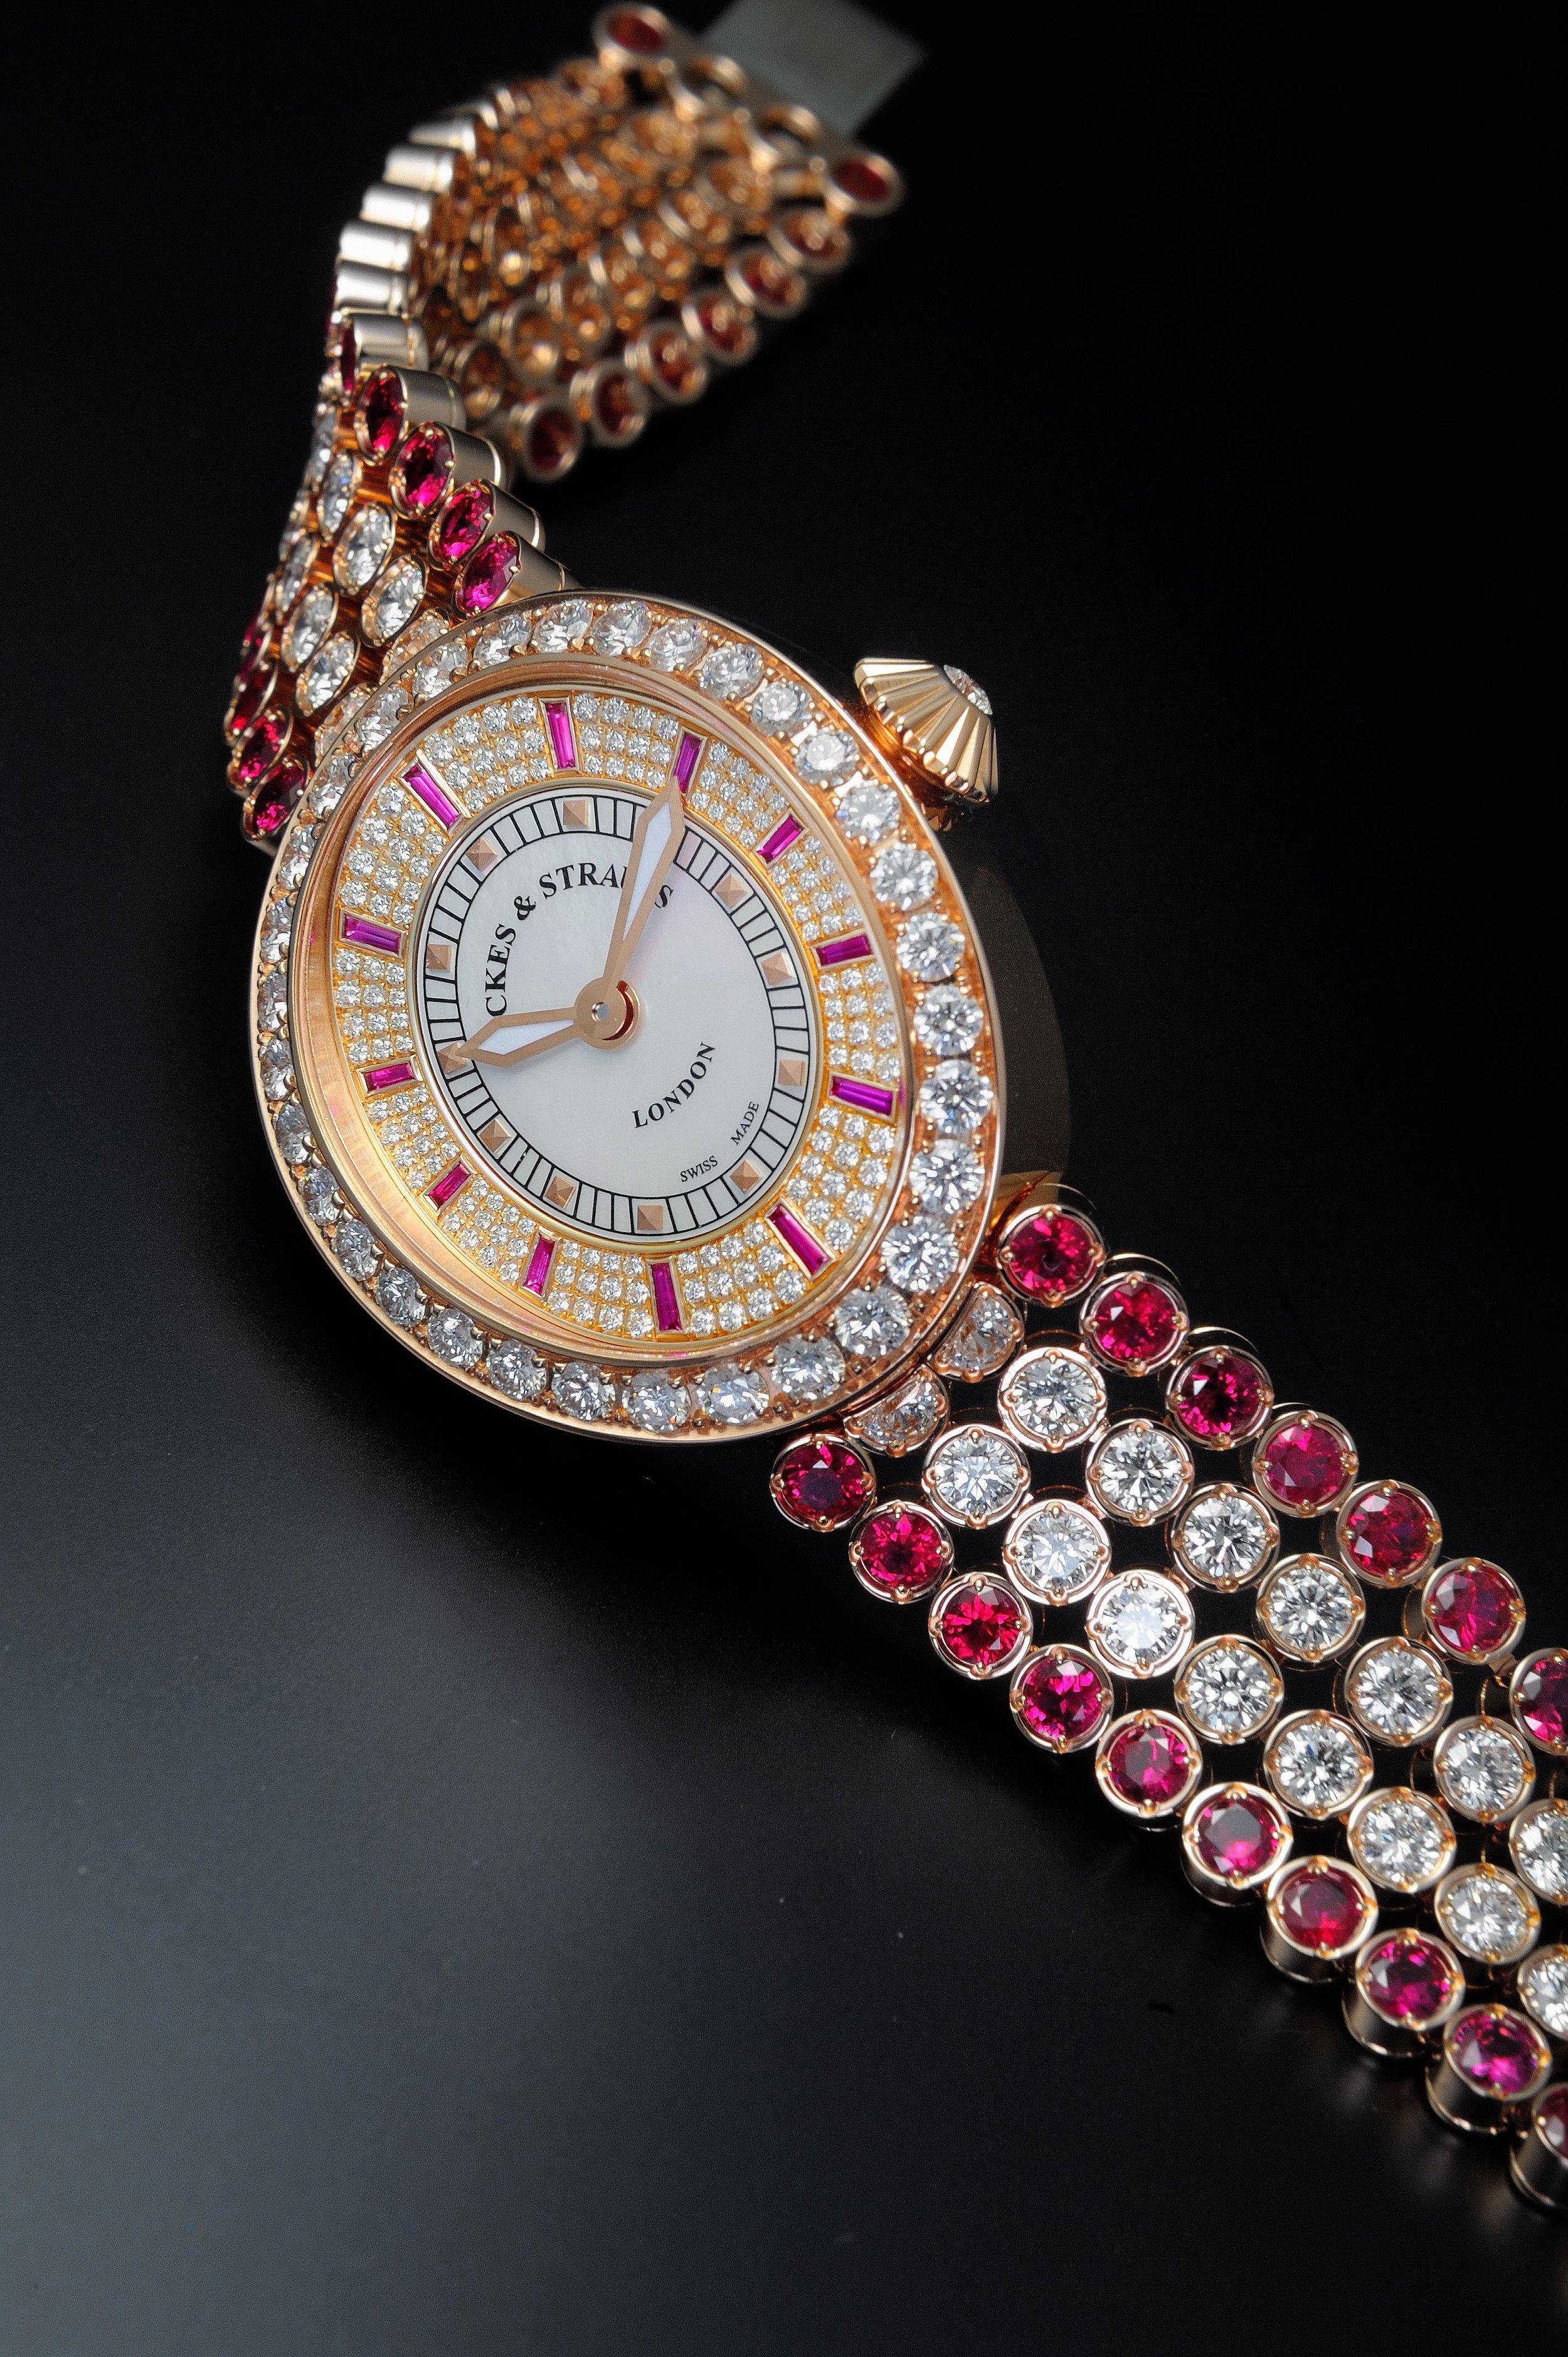 Regent Princess 3238 diamond watch